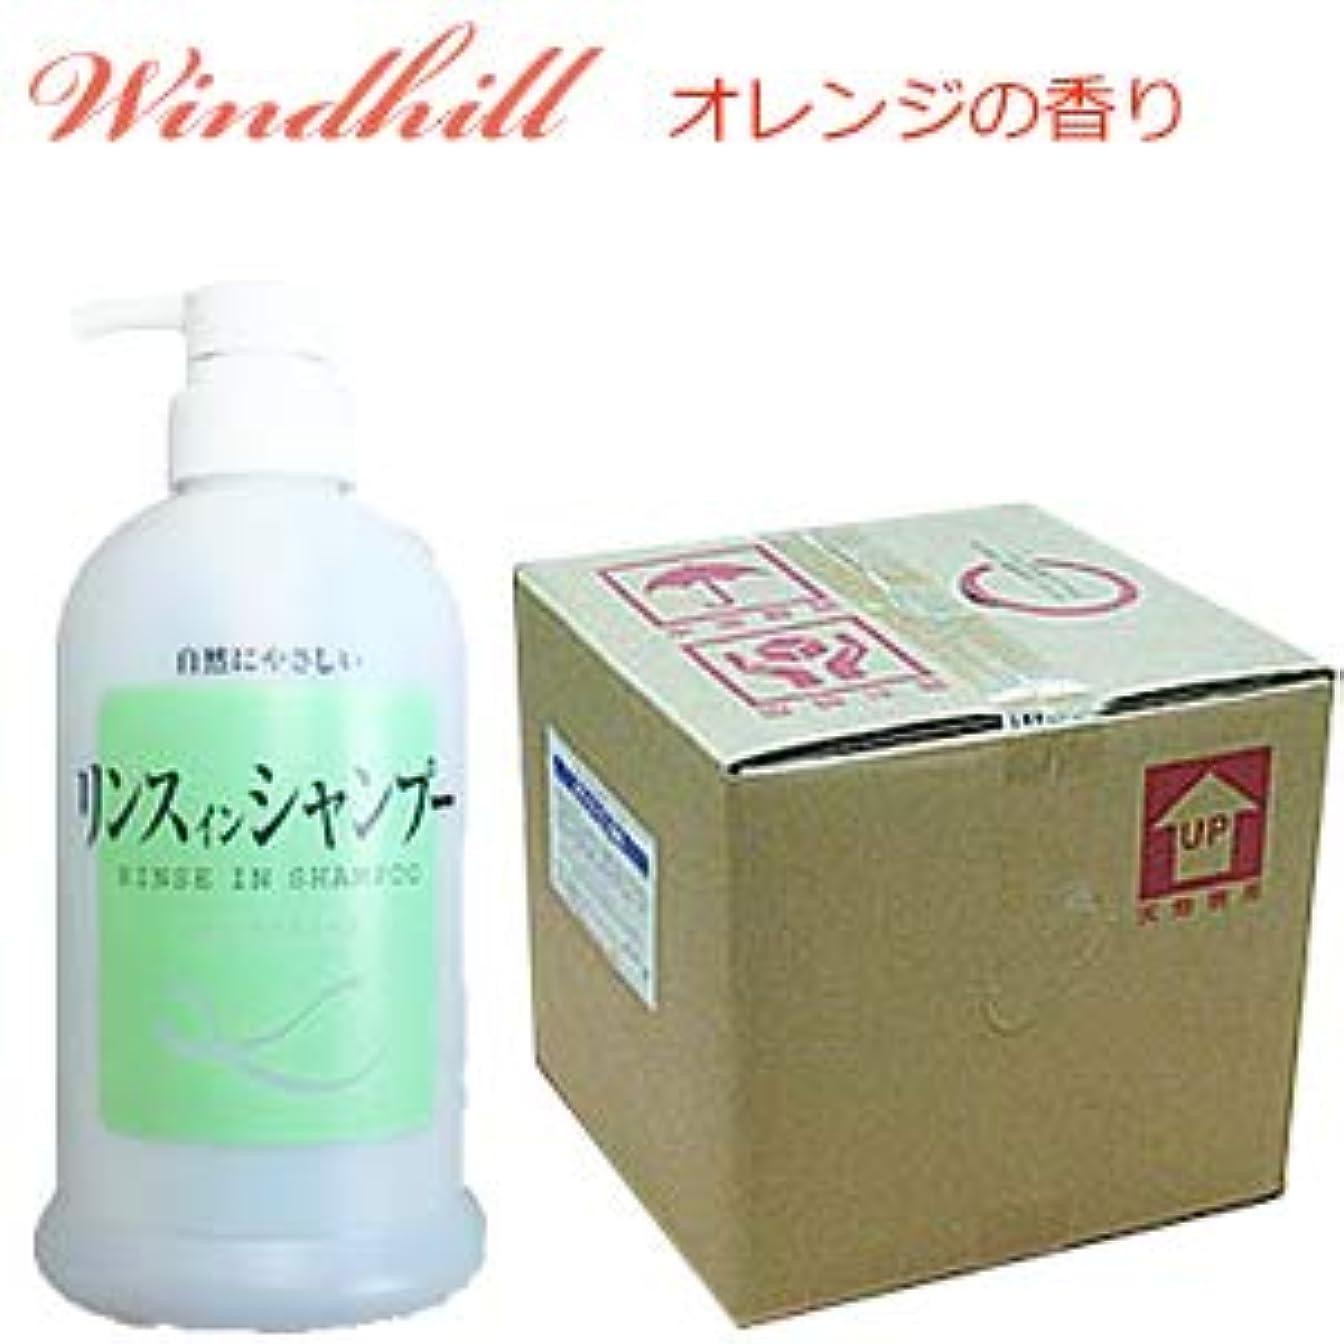 チューインガムペレグリネーション不足Windhill 植物性業務用 リンスインシャンプーオレンジの香り 20L(1セット20L入)